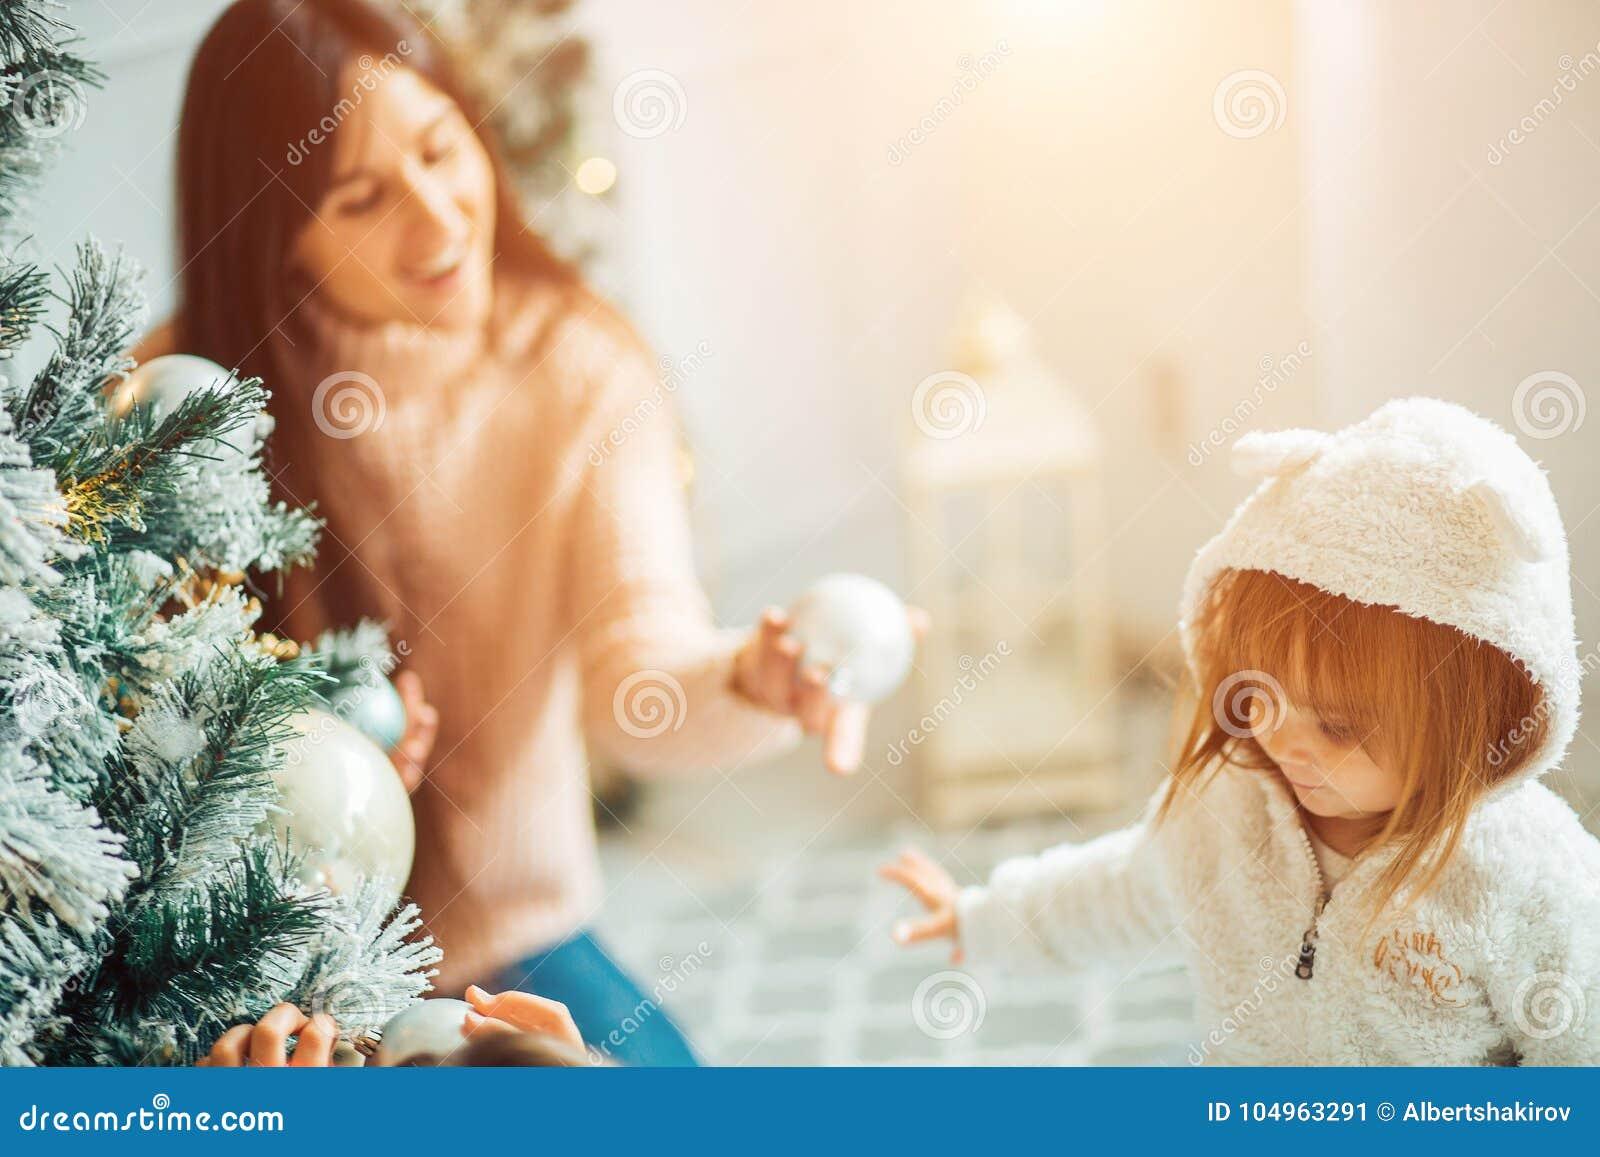 妈妈和女儿装饰圣诞树户内